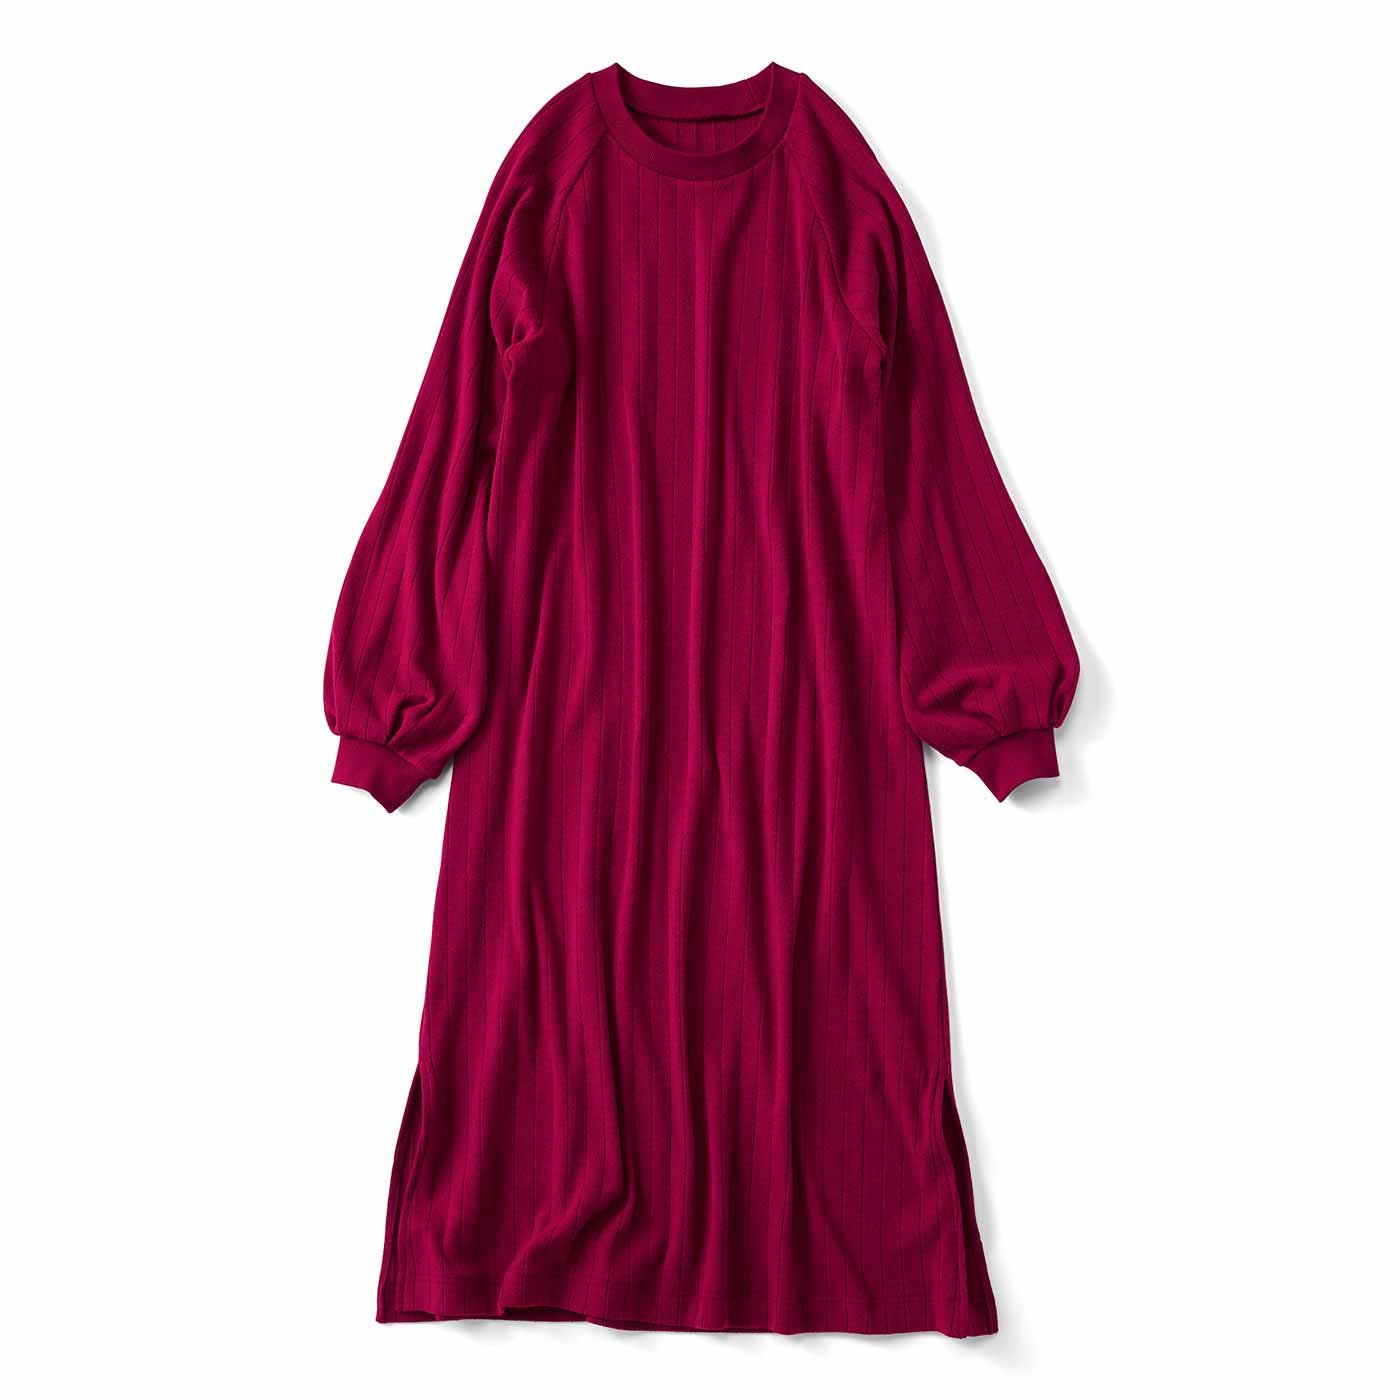 ボリューム袖がかわいい Aラインカットソーワンピース〈ワイン〉